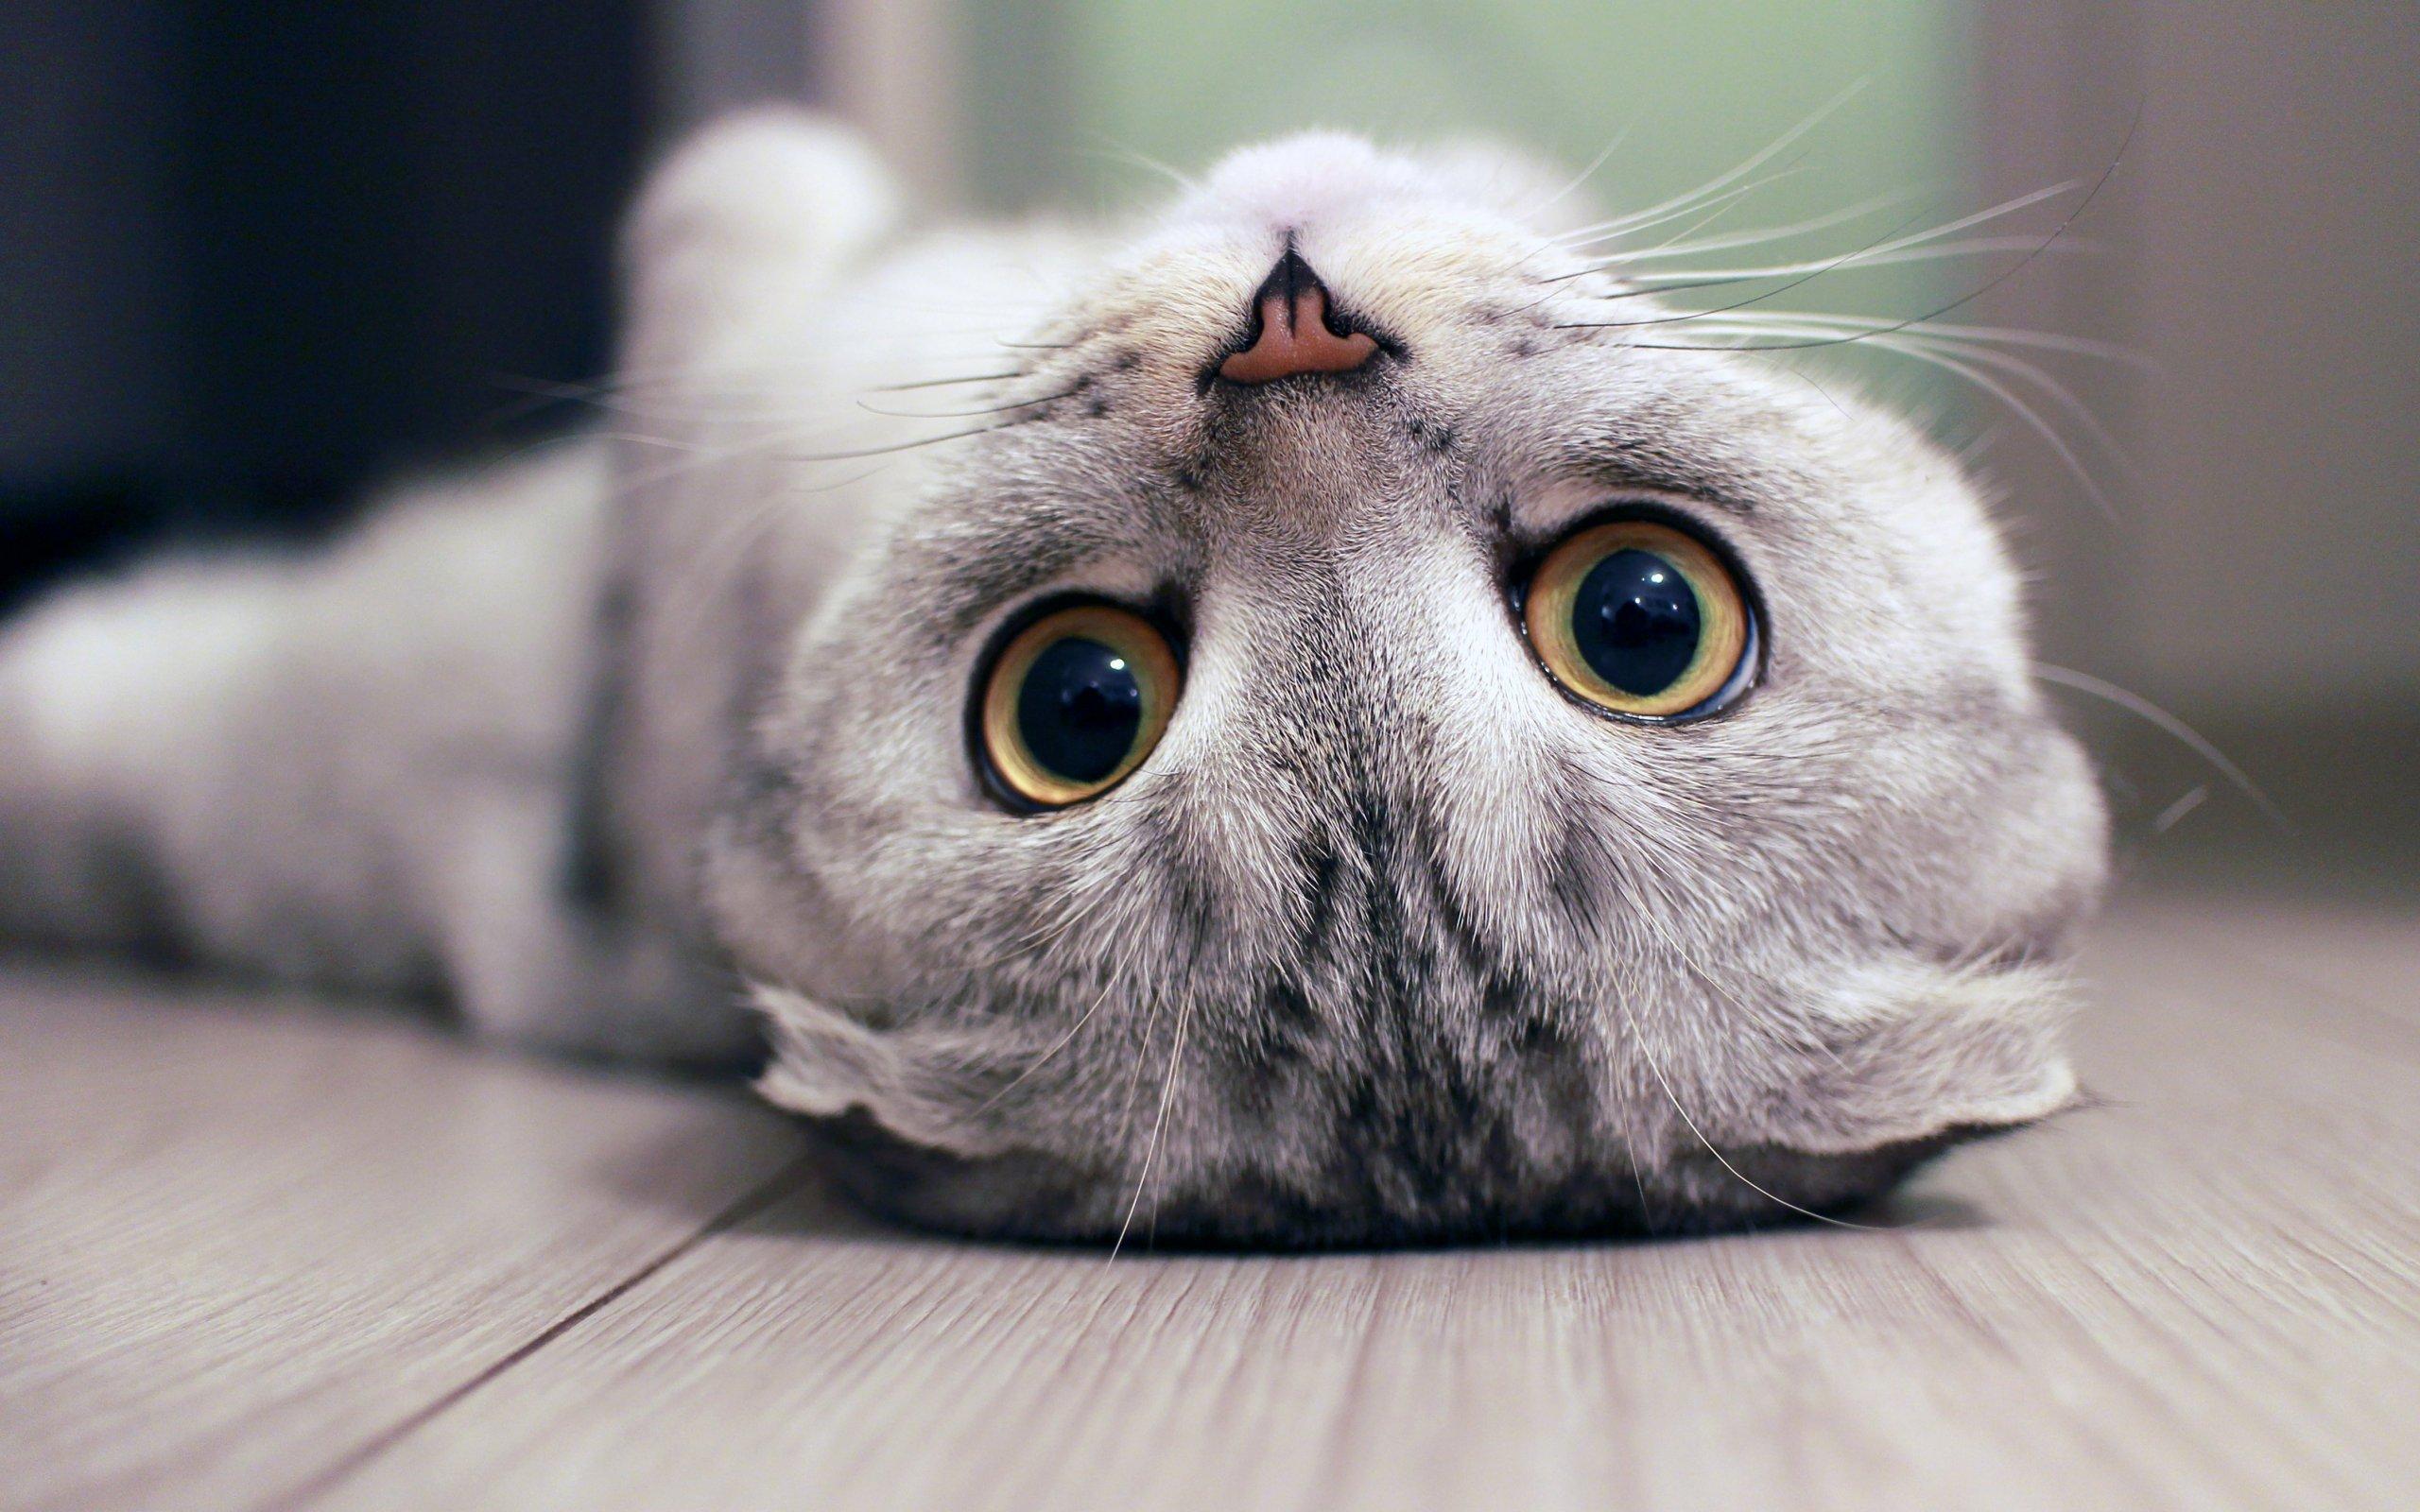 люкс картинки на рабочий стол с вислоухими кошками азиатская махровая сфинкс